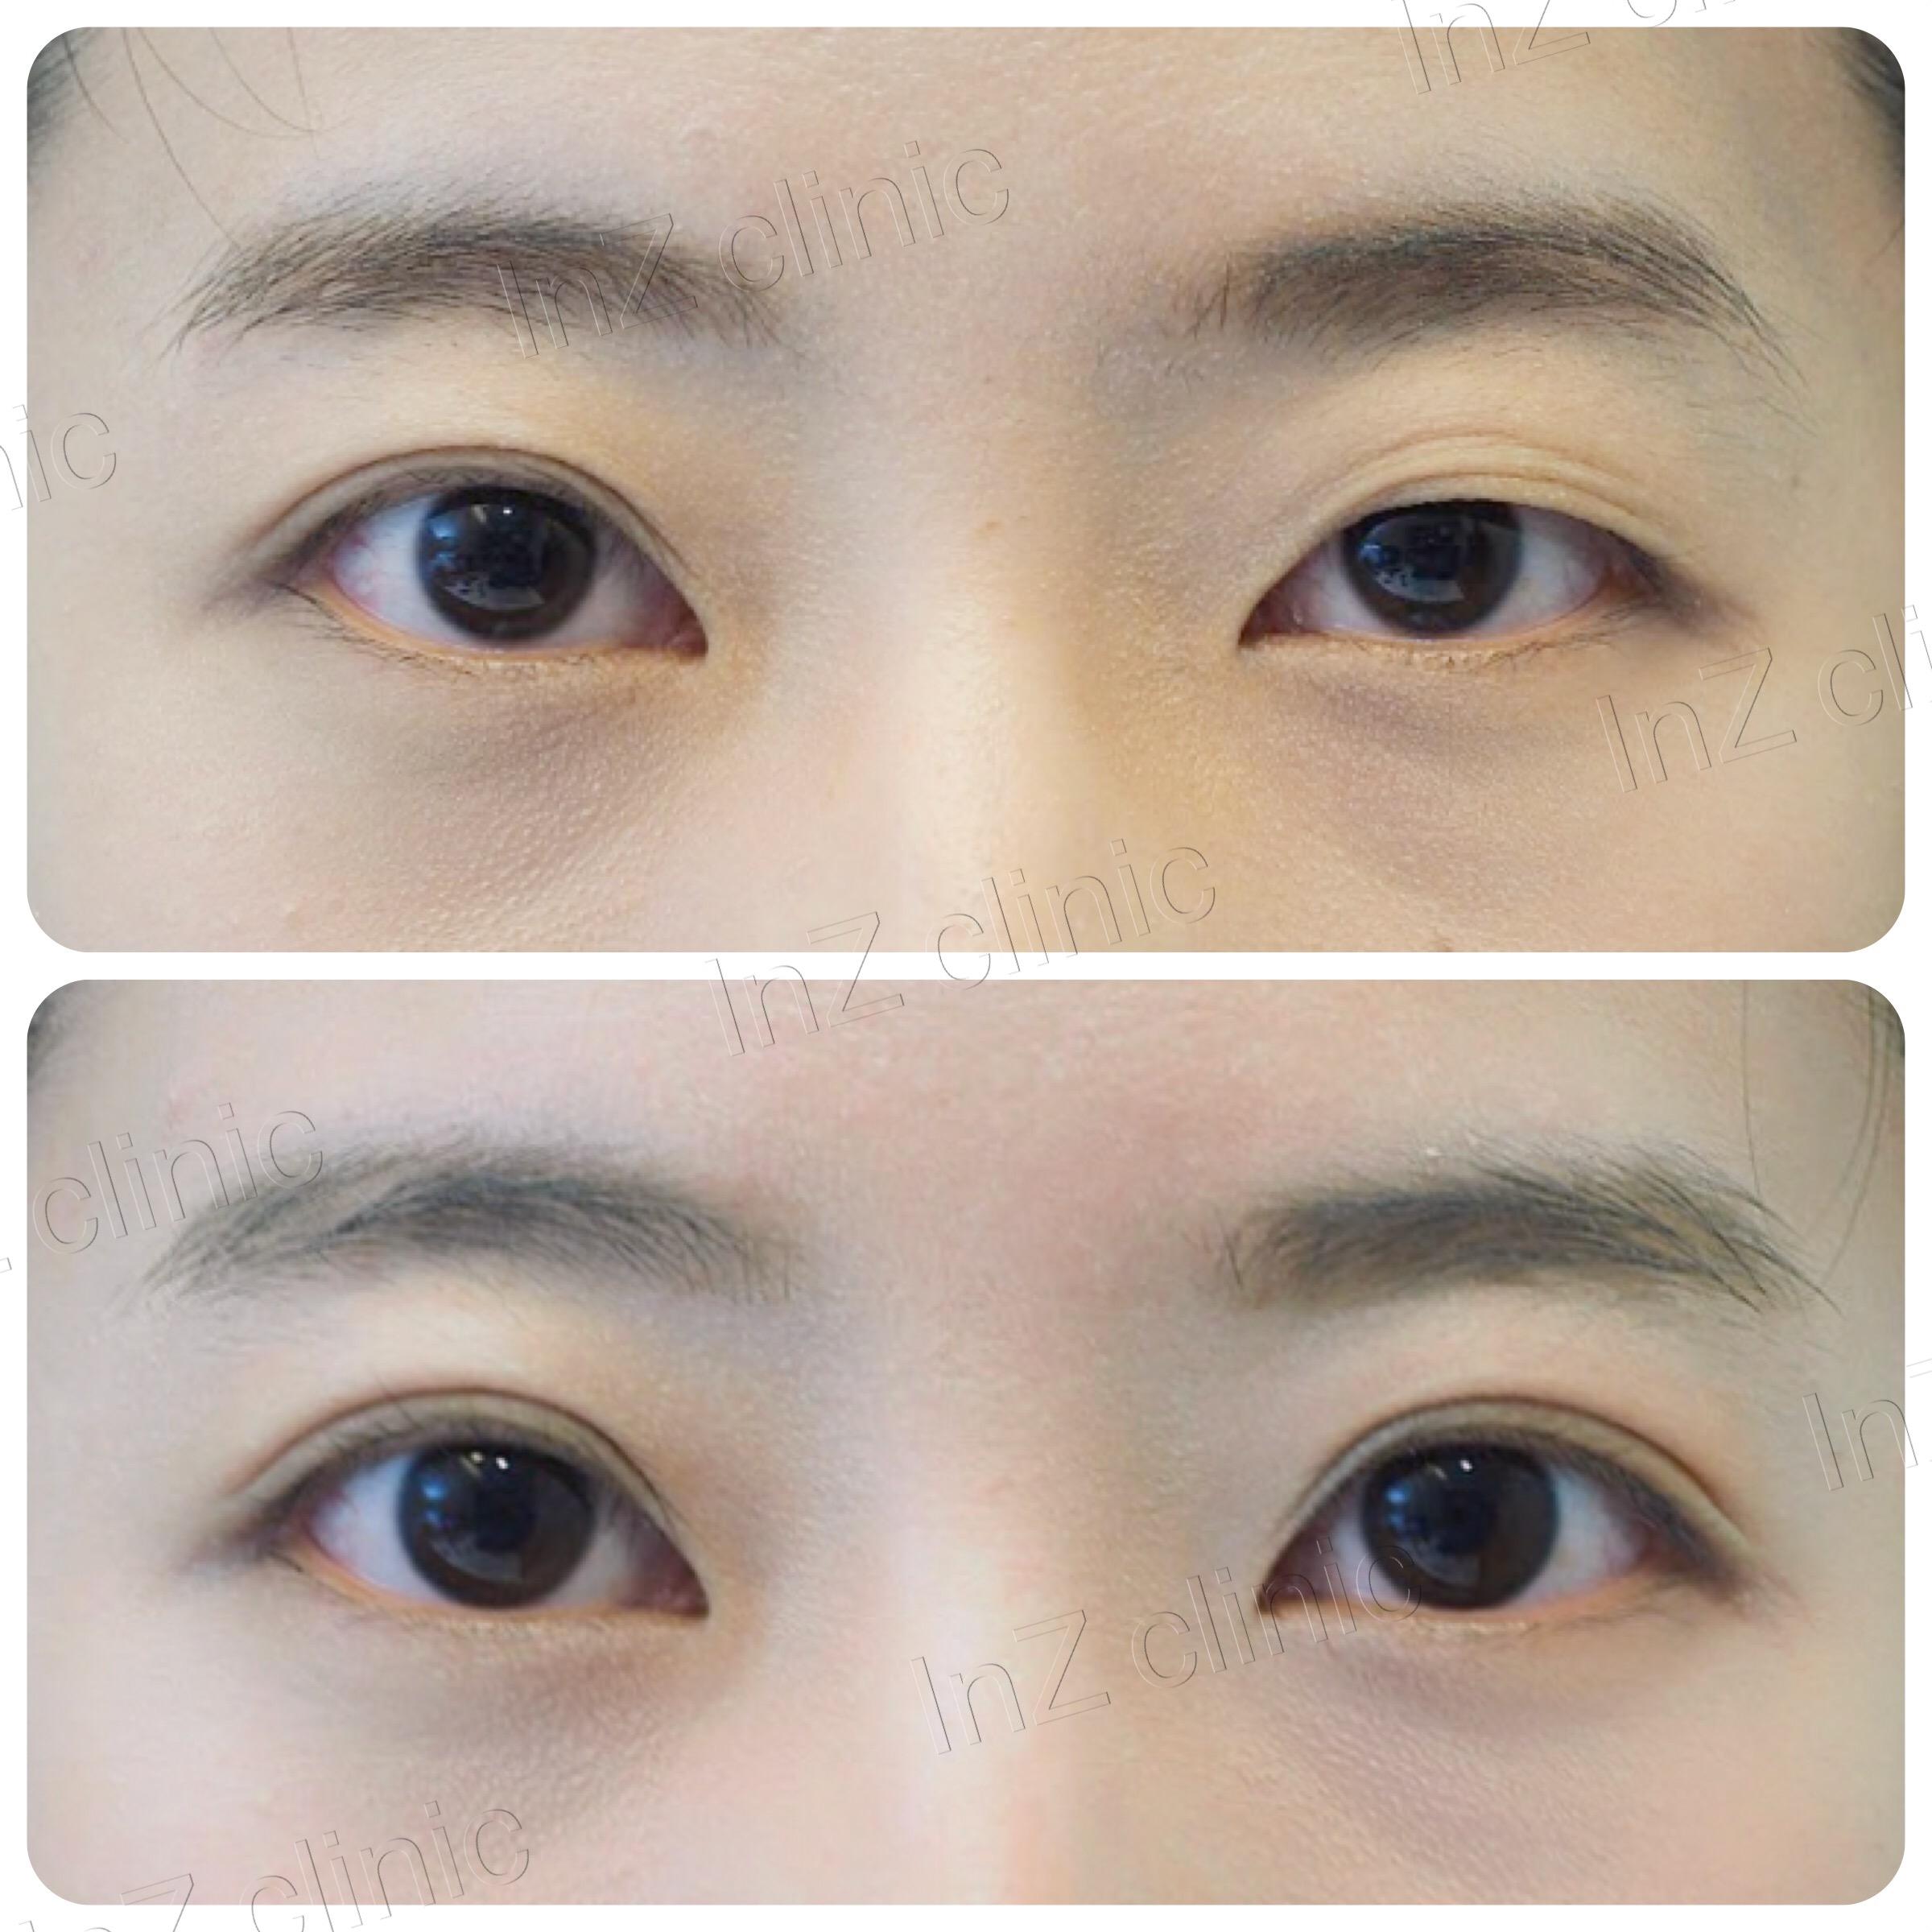 ตาไม่เท่ากัน แก้ไขโดยเย็บชั้นตาใหม่ โดยแผลผ่าตัดขนาดเล็ก 5mm